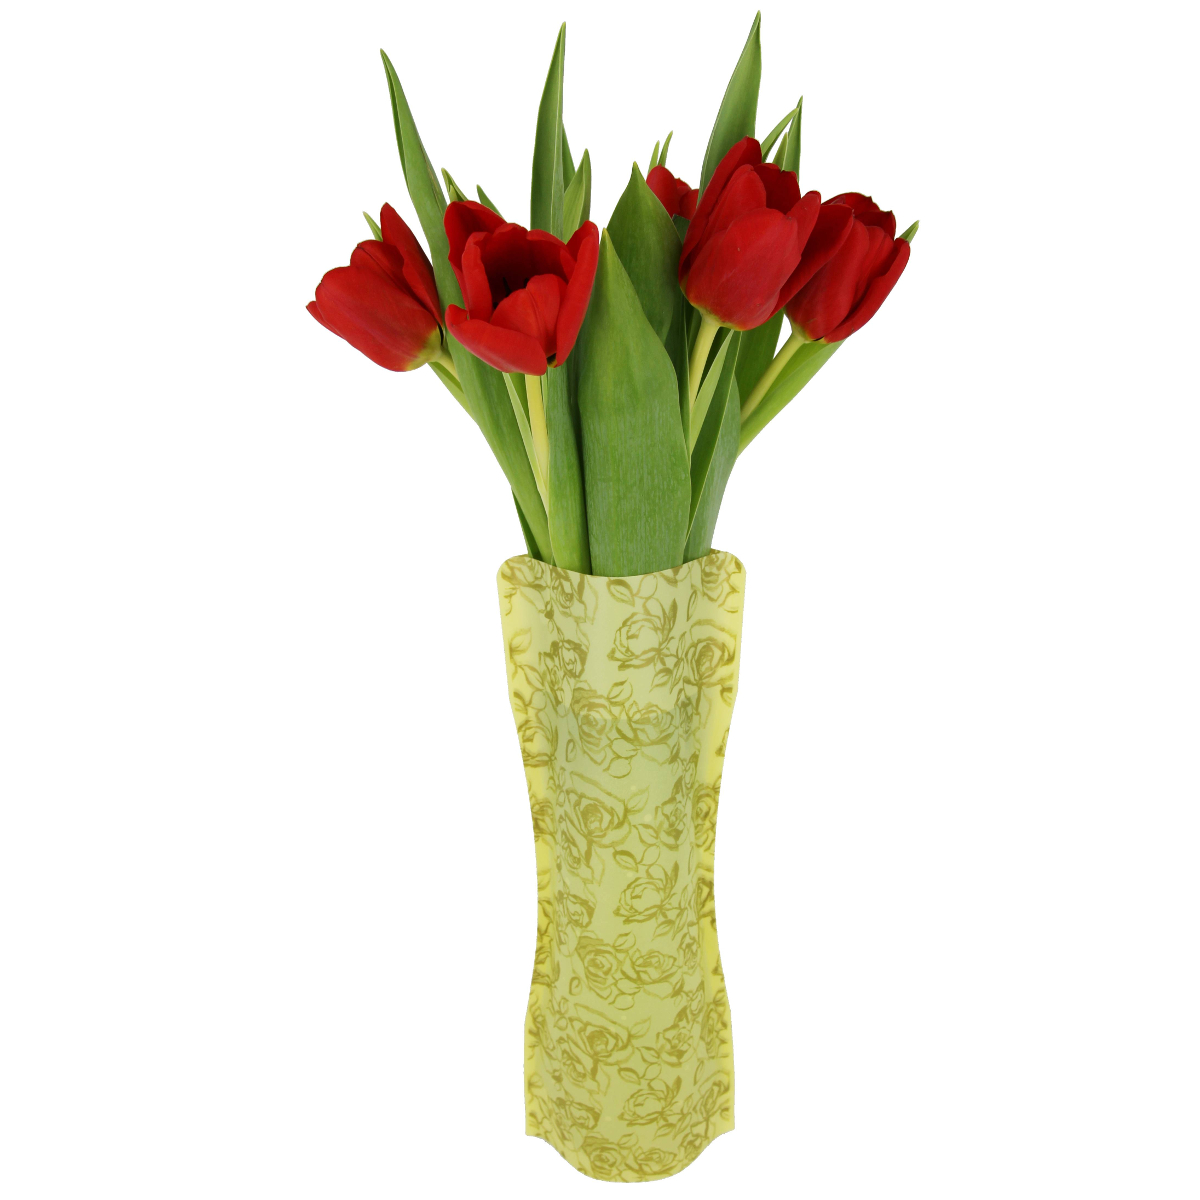 Ваза МастерПроф Золотые розы, пластичная, 1 лHS.040033Пластичная ваза Золотые розы легко складывается, удобно хранится - занимает мало места, долго служит. Всегда пригодится дома, в офисе, на даче, для оформления различных мероприятий. Отлично подойдет для перевозки цветов, или просто в подарок.Инструкция: 1. Наполните вазу теплой водой;2. Дно и стенки расправятся;3. Вылейте воду;4. Наполните вазу холодной водой;5. Вставьте цветы.Меры предосторожности:Хранить вдали от источников тепла и яркого солнечного света. С осторожностью применять для растений с длинными стеблями и с крупными соцветиями, что бы избежать опрокидывания вазы.